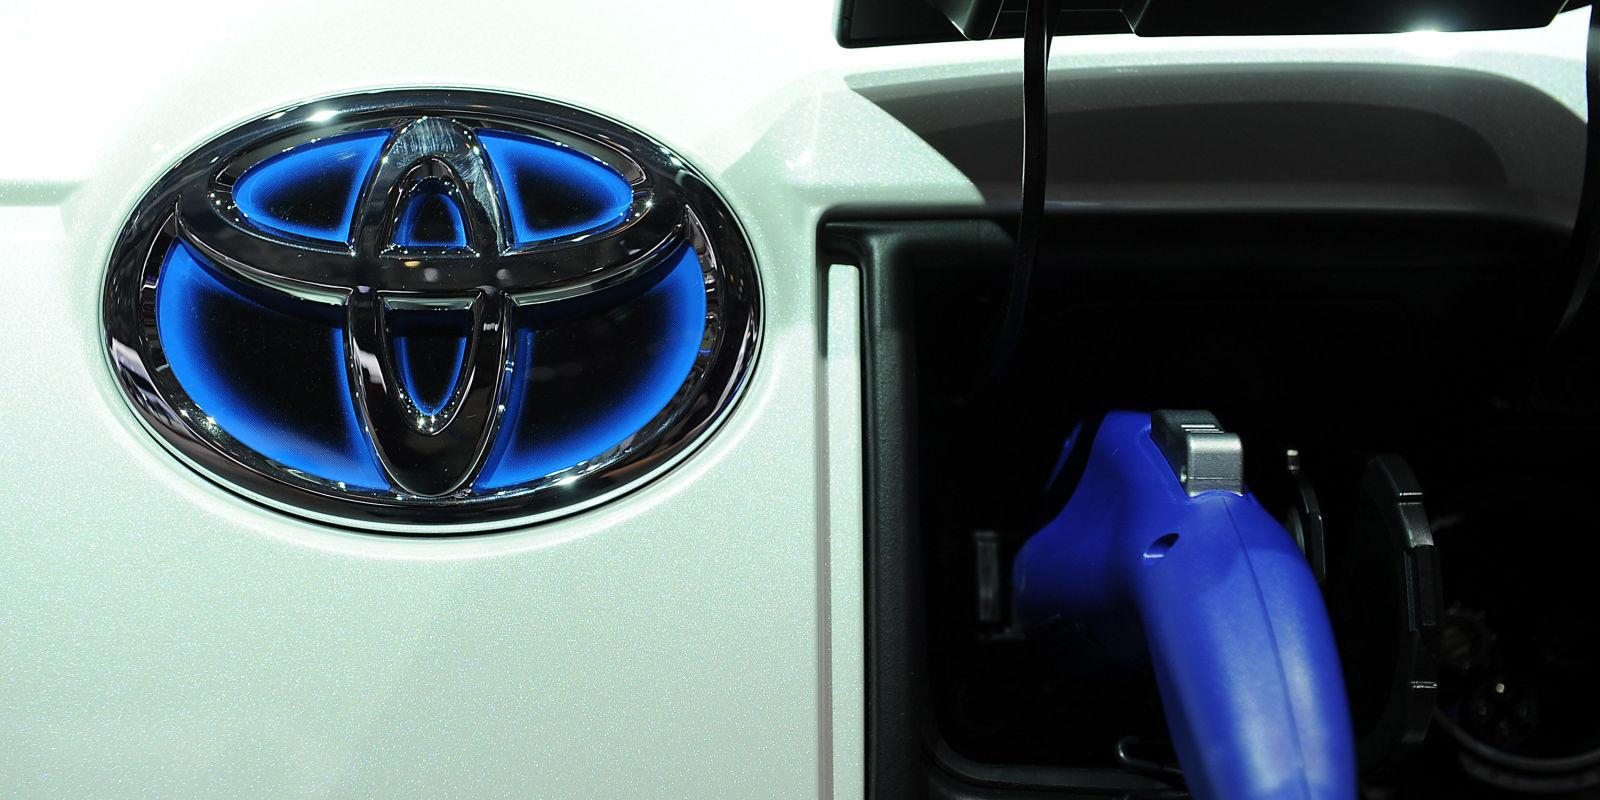 Toyota está a desenvolver elétrico com baterias Solid-state de longo alcance